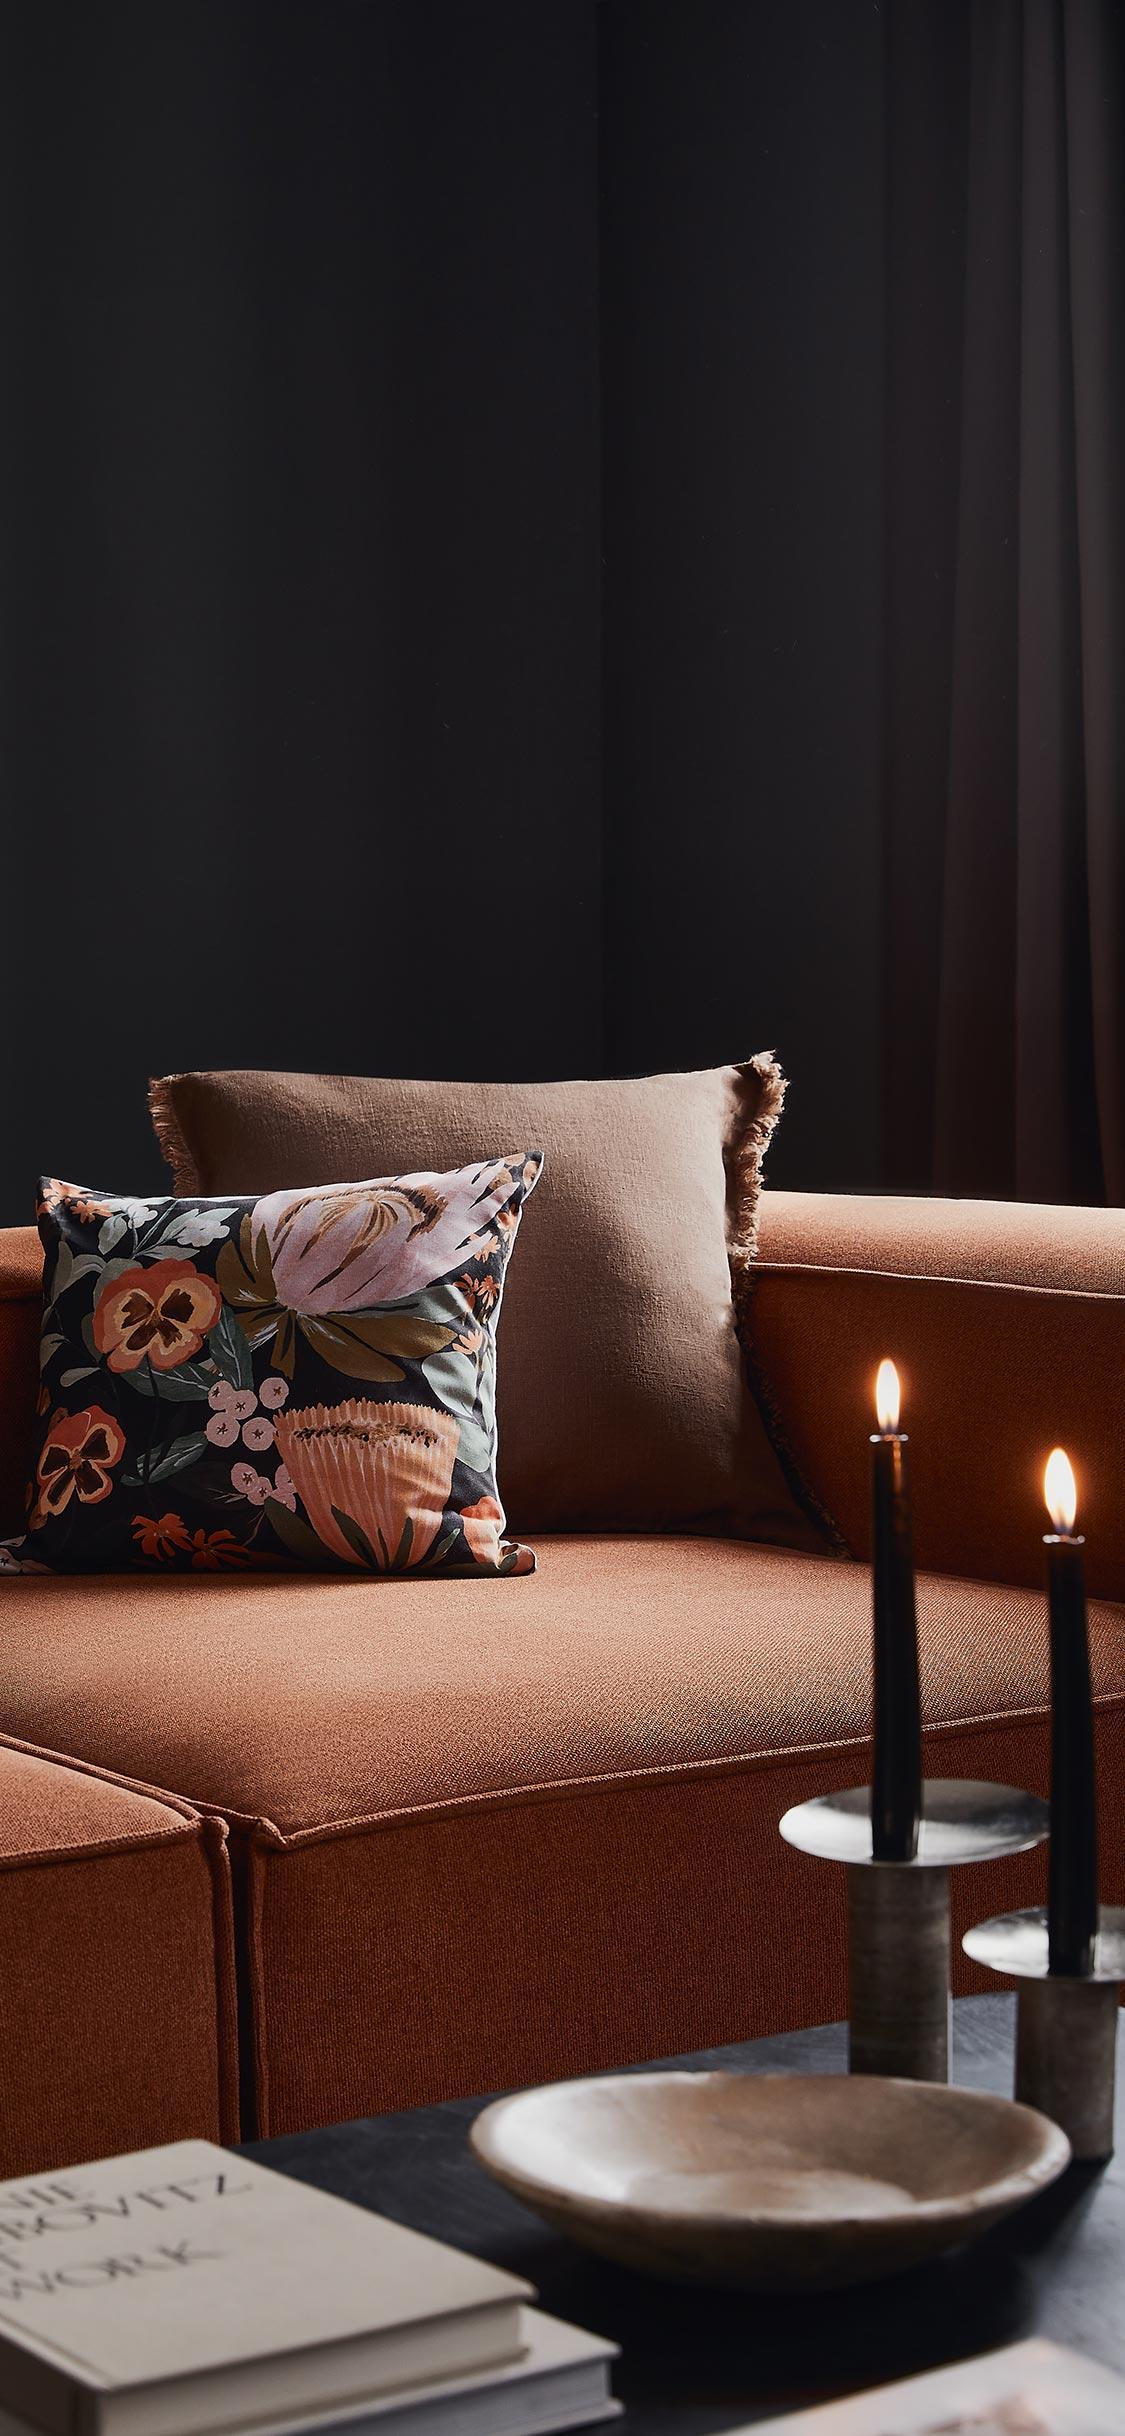 Tło na telefon ze zdjęciem ciemnego salonu z pomarańczową sofą i kolorowymi poduszkami